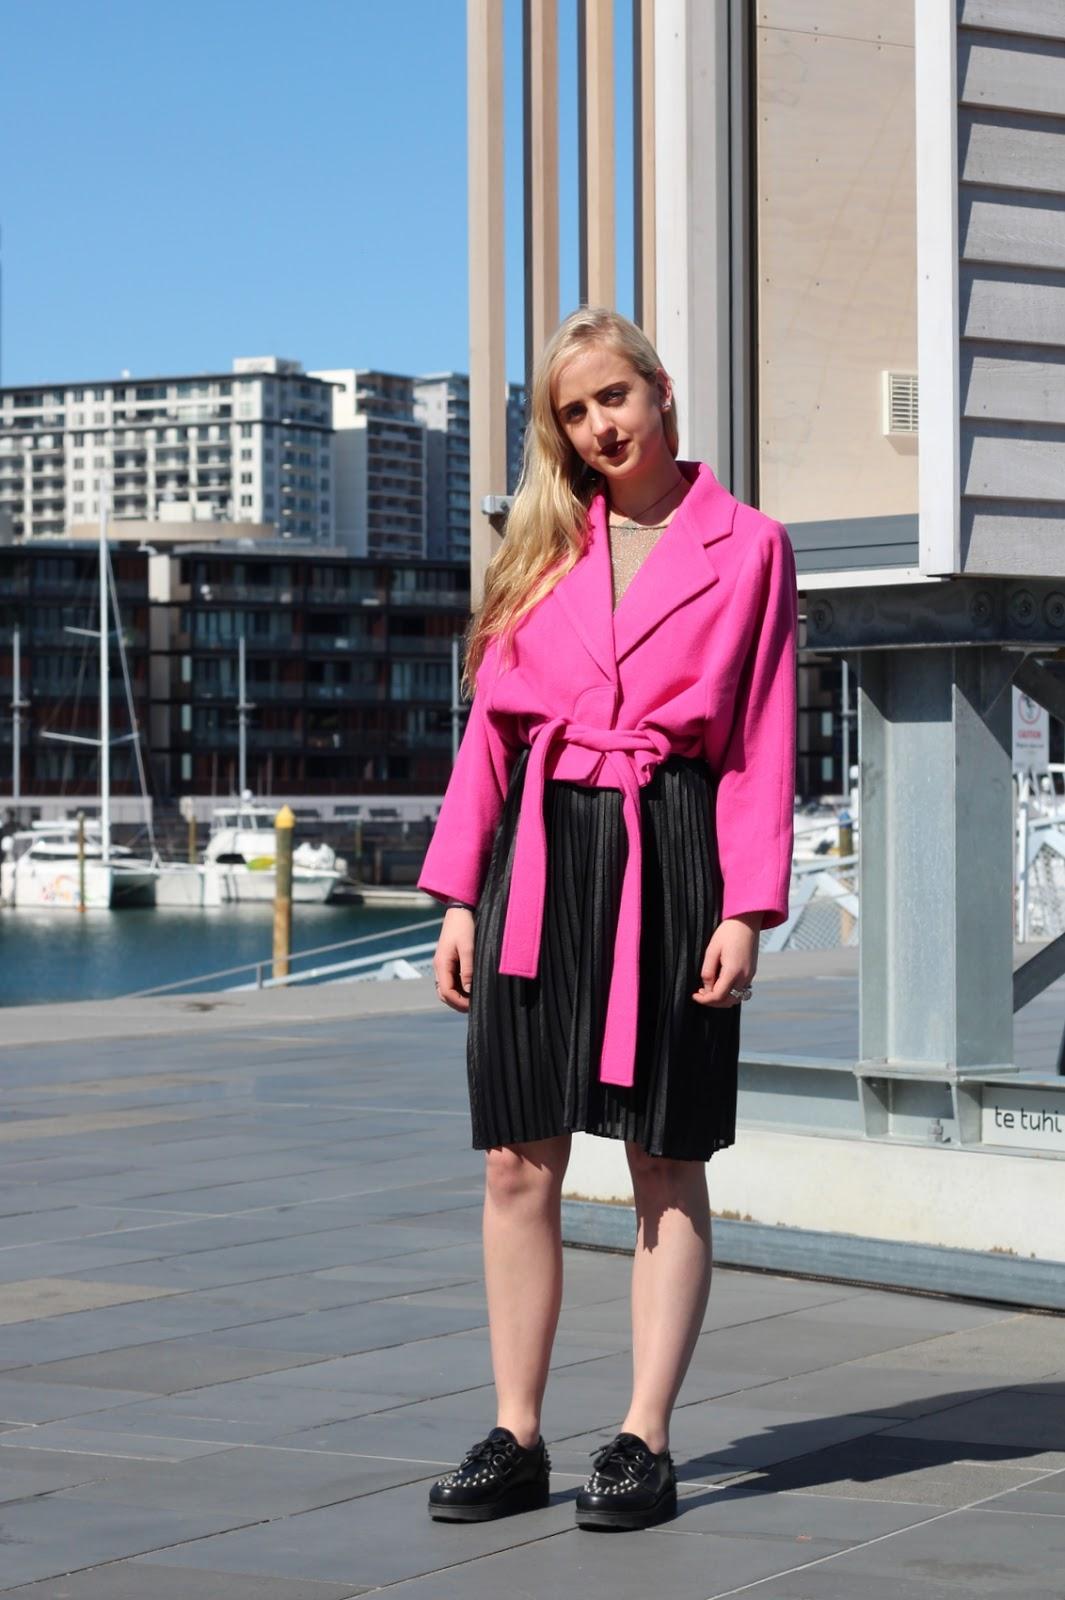 Foureyes New Zealand Street Style Fashion Blog Olivia Foureyes New Zealand Street Style